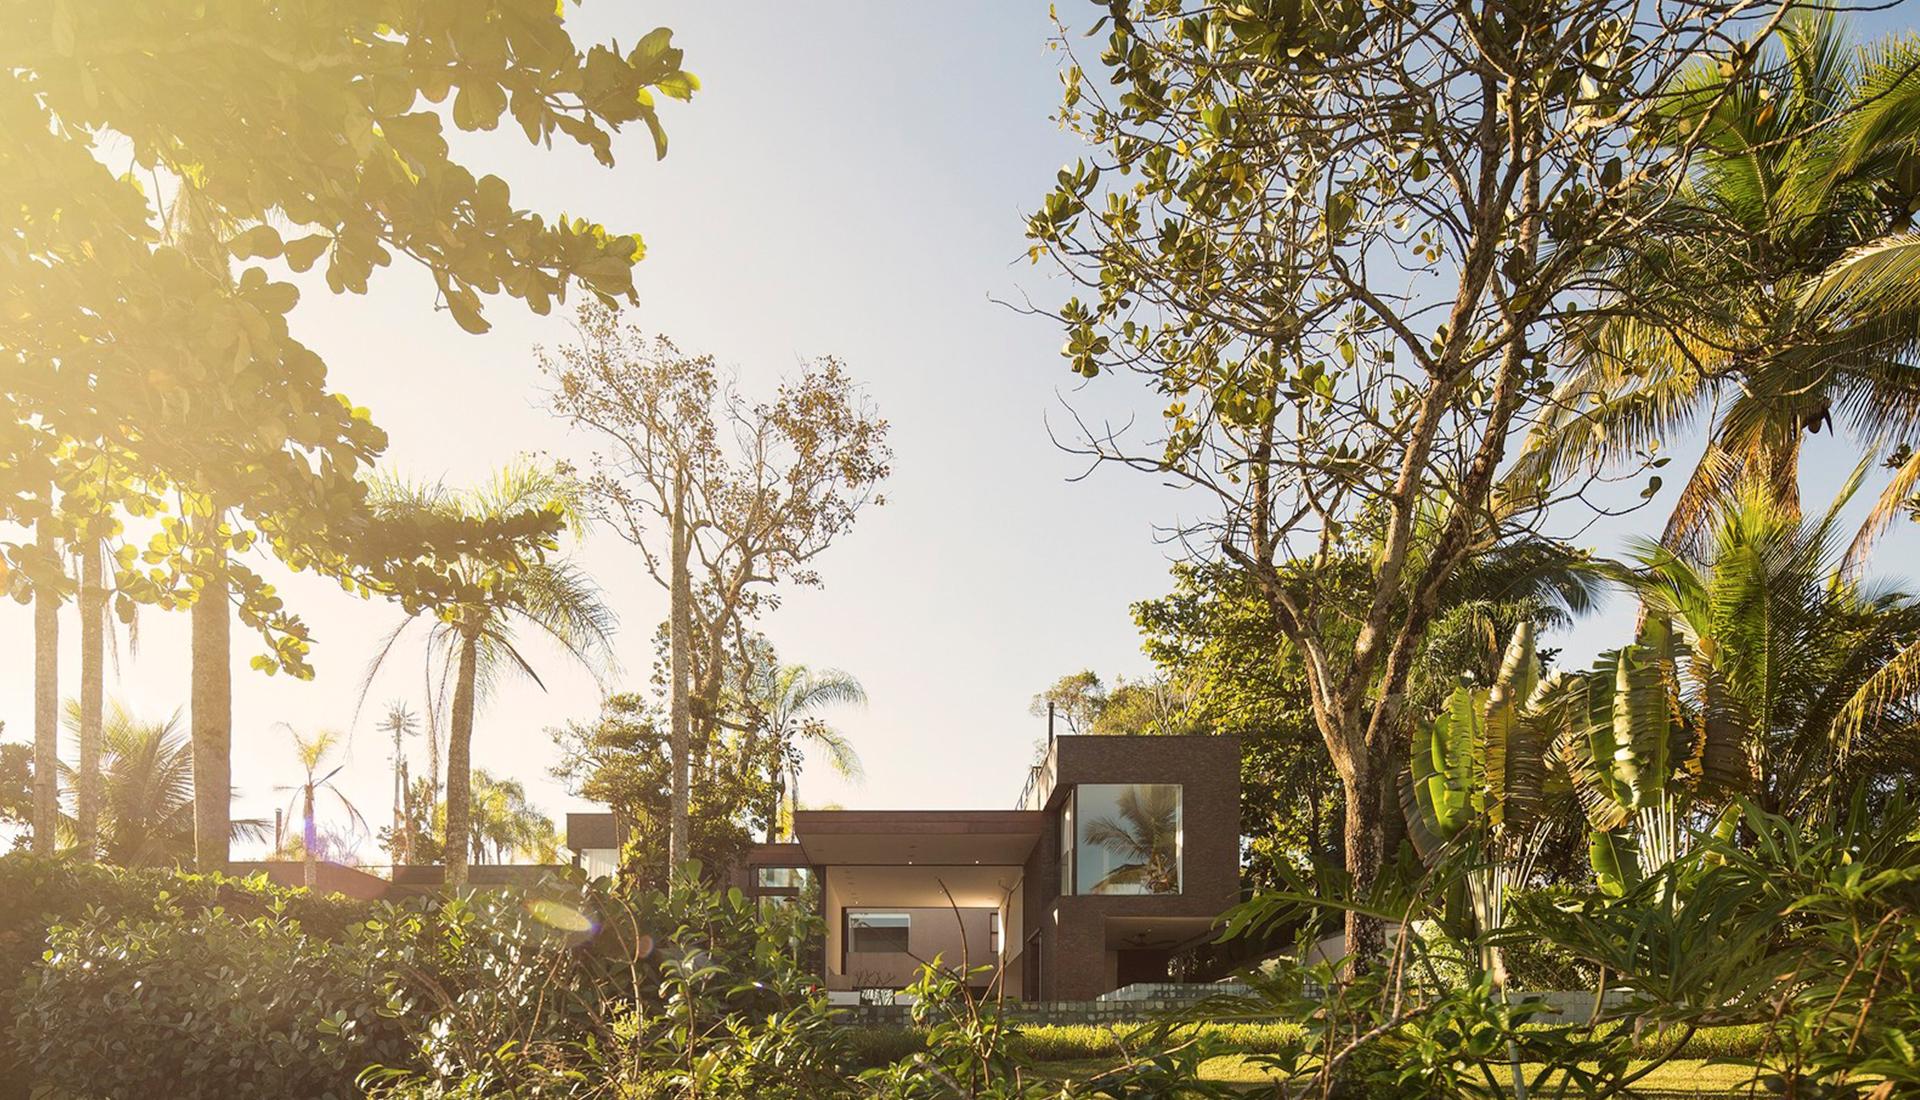 Studio Arthur Casas: резиденции с видом на океан в Бразилии